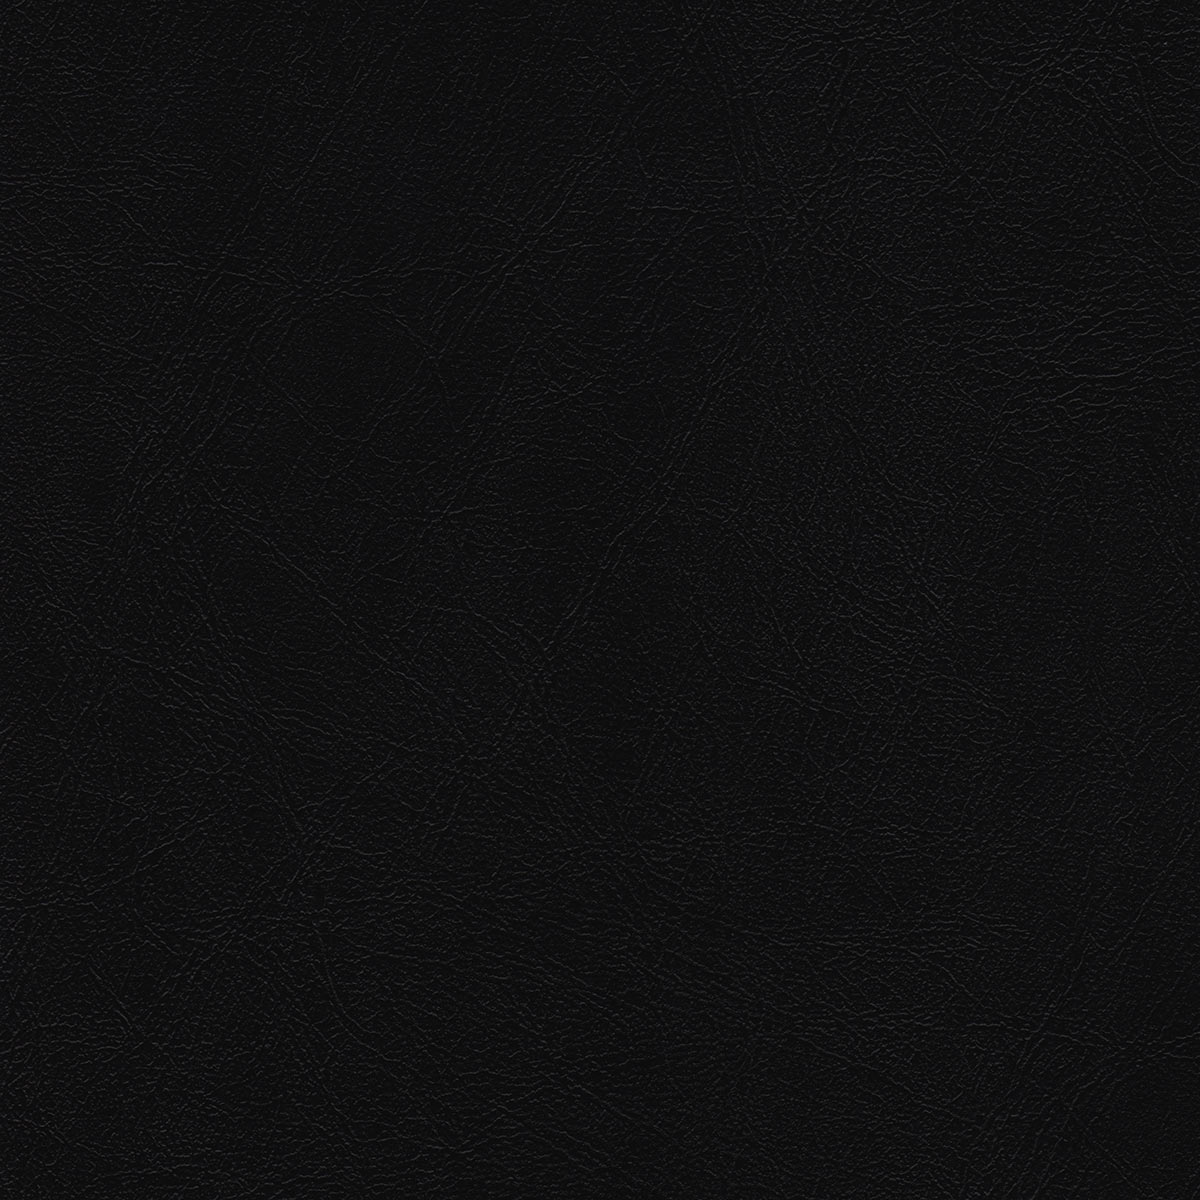 شریط جداری کود الاستیکر PS-47